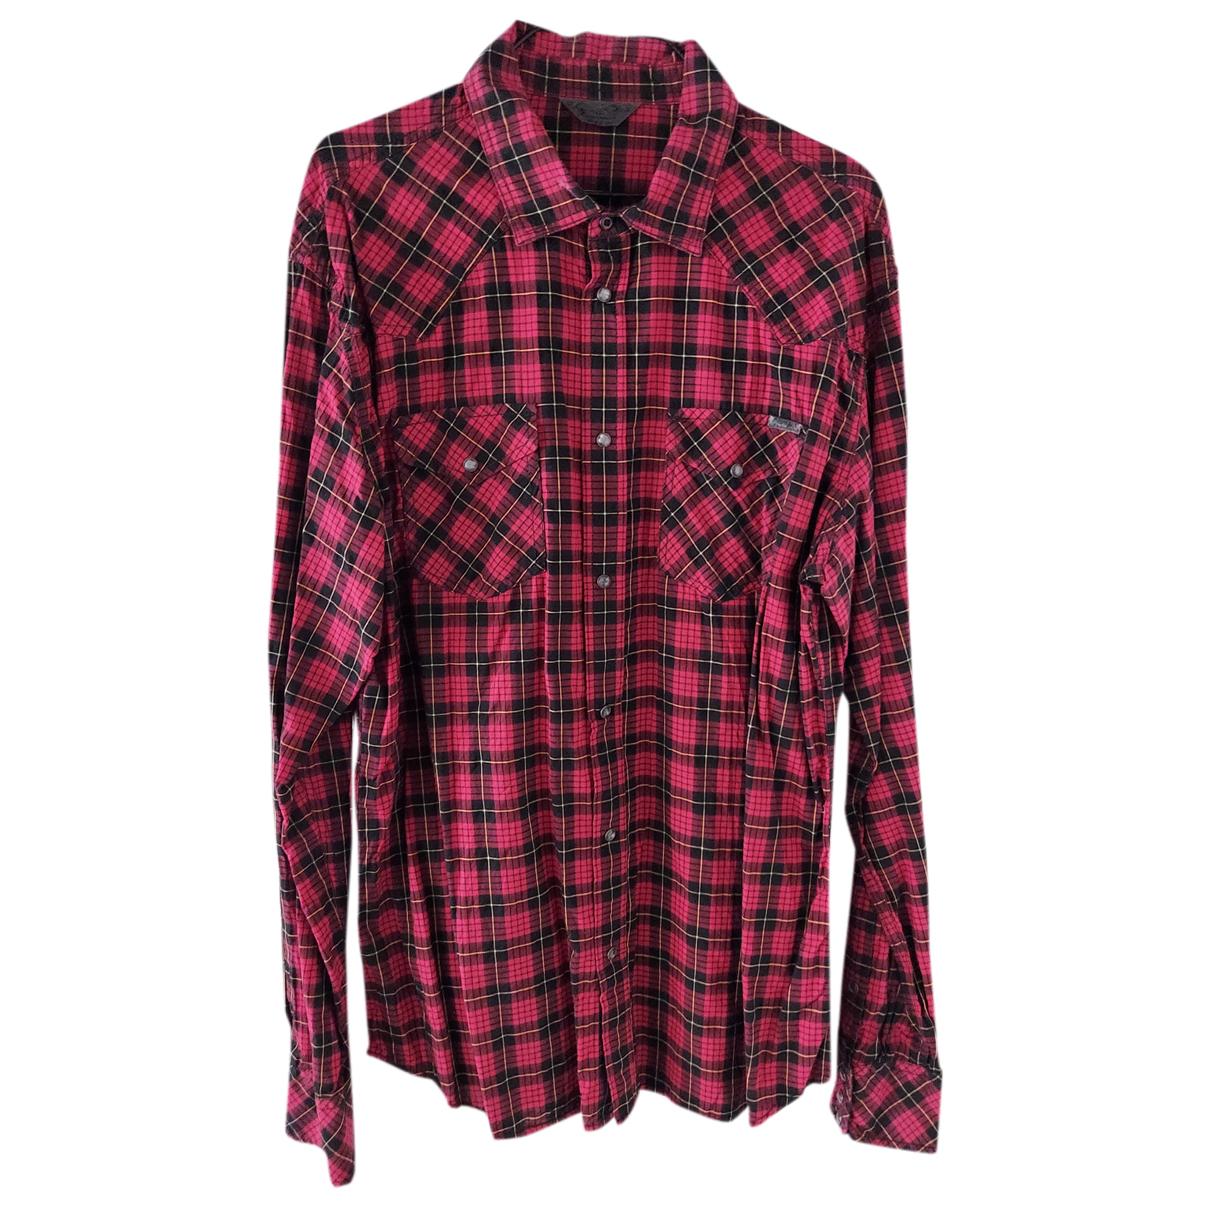 Diesel - Chemises   pour homme en coton - rouge